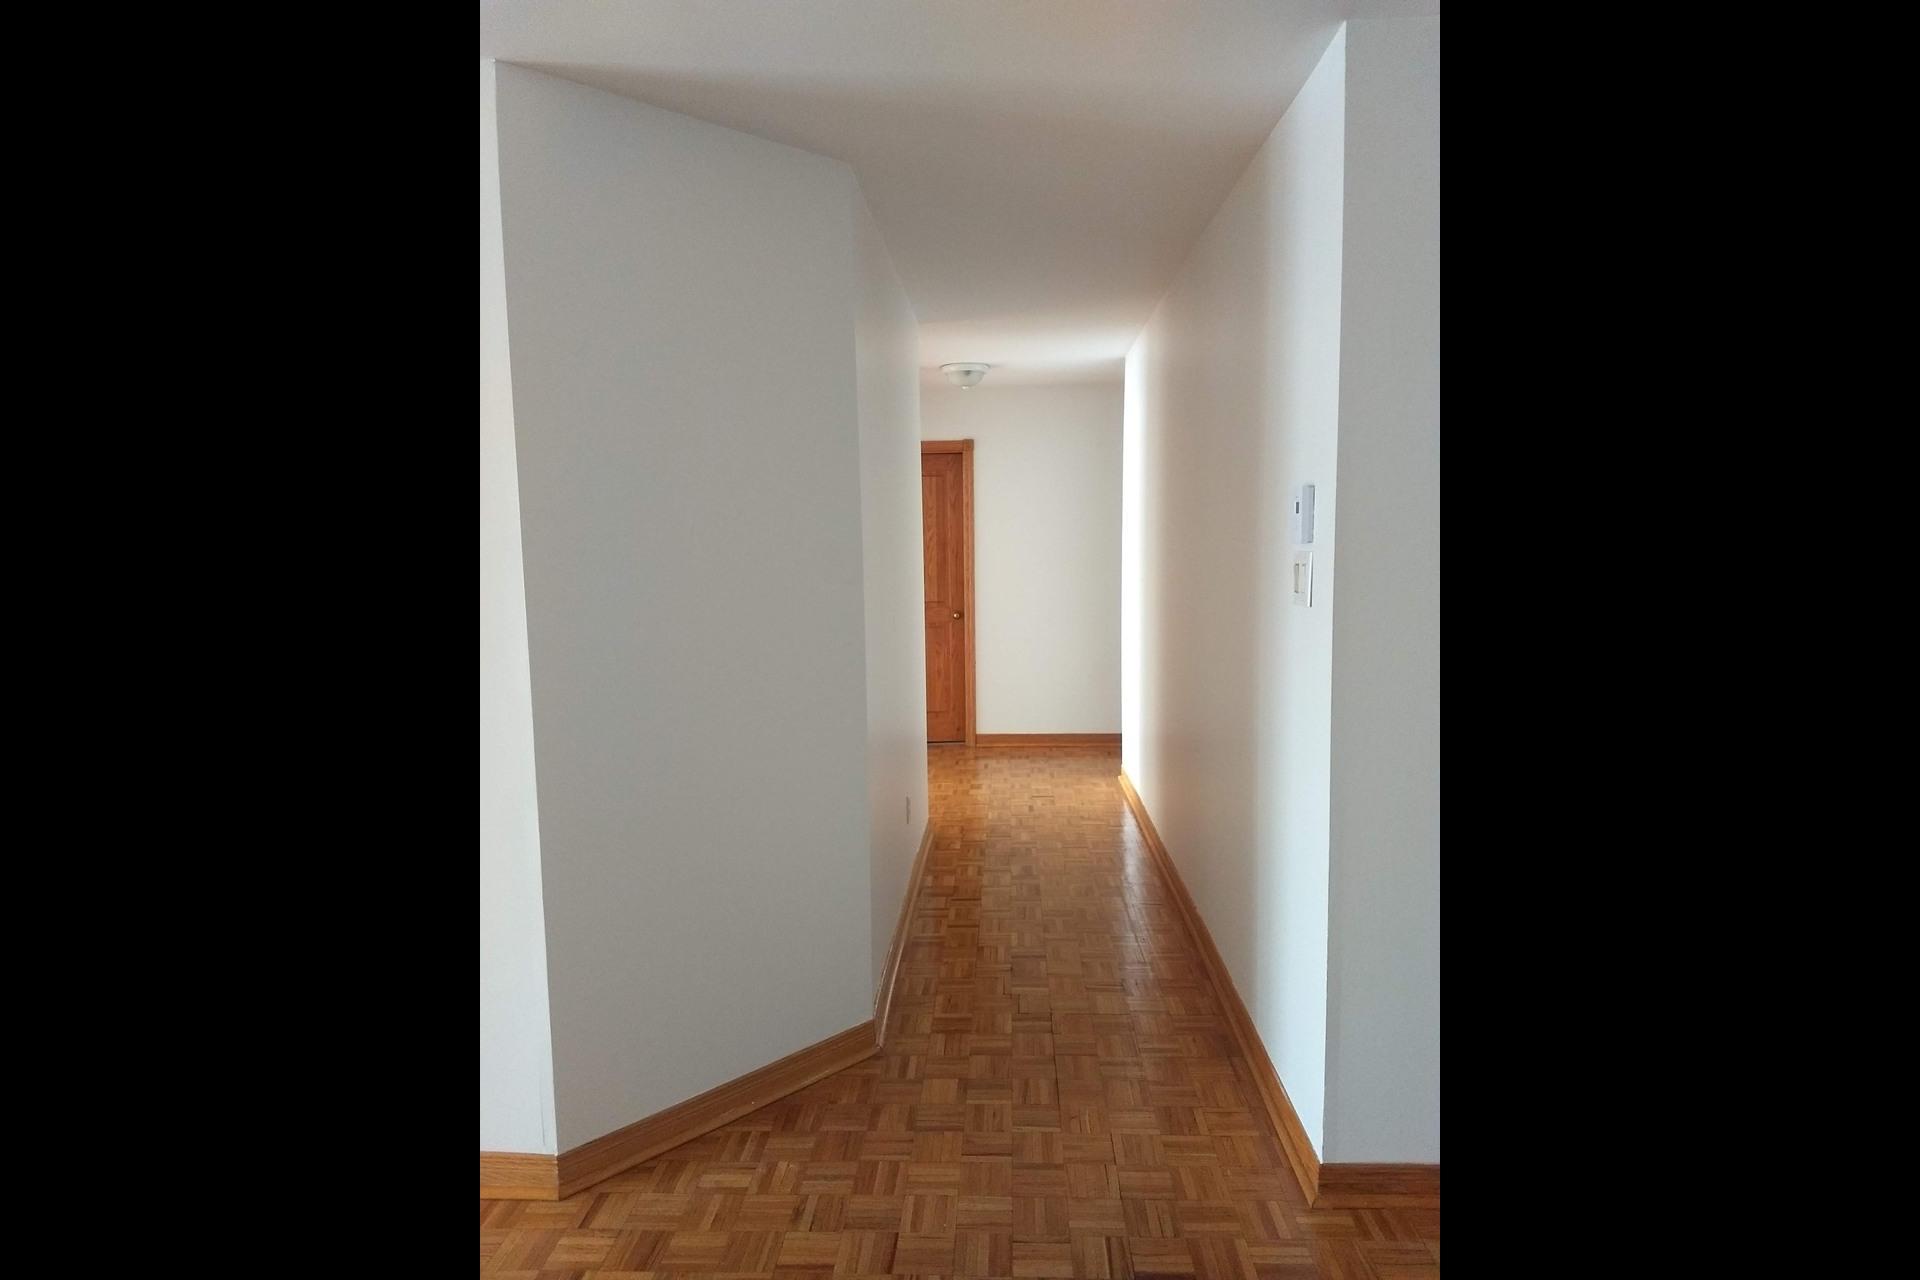 image 4 - Appartement À vendre Le Vieux-Longueuil Longueuil  - 6 pièces